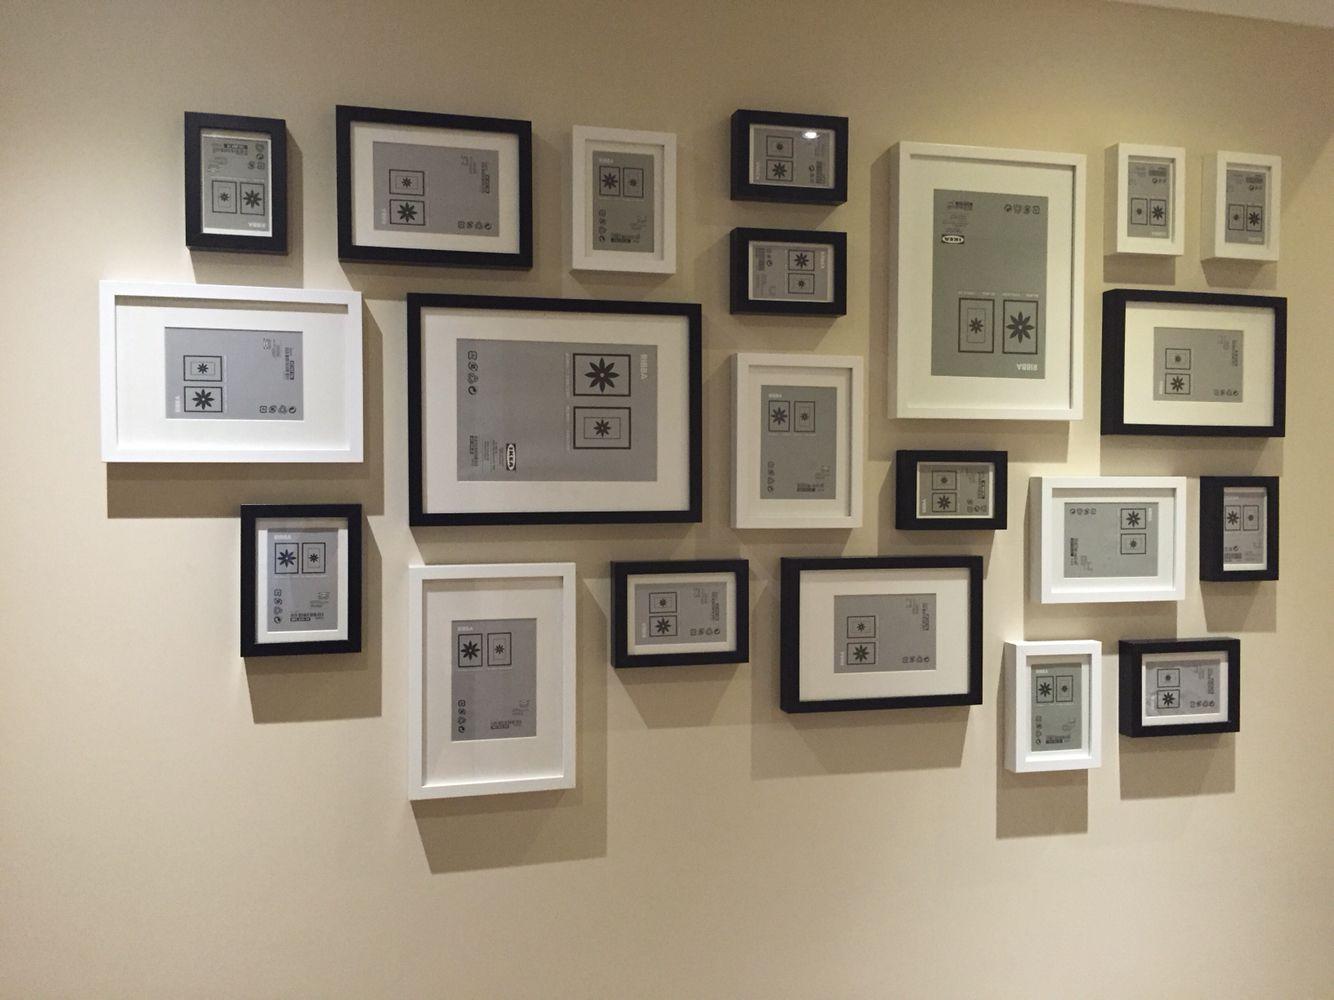 Ikea Ribba Frames Layout Black And White Diseno De Pared De Galeria Decoracion De Unas Decoracion Con Cuadros